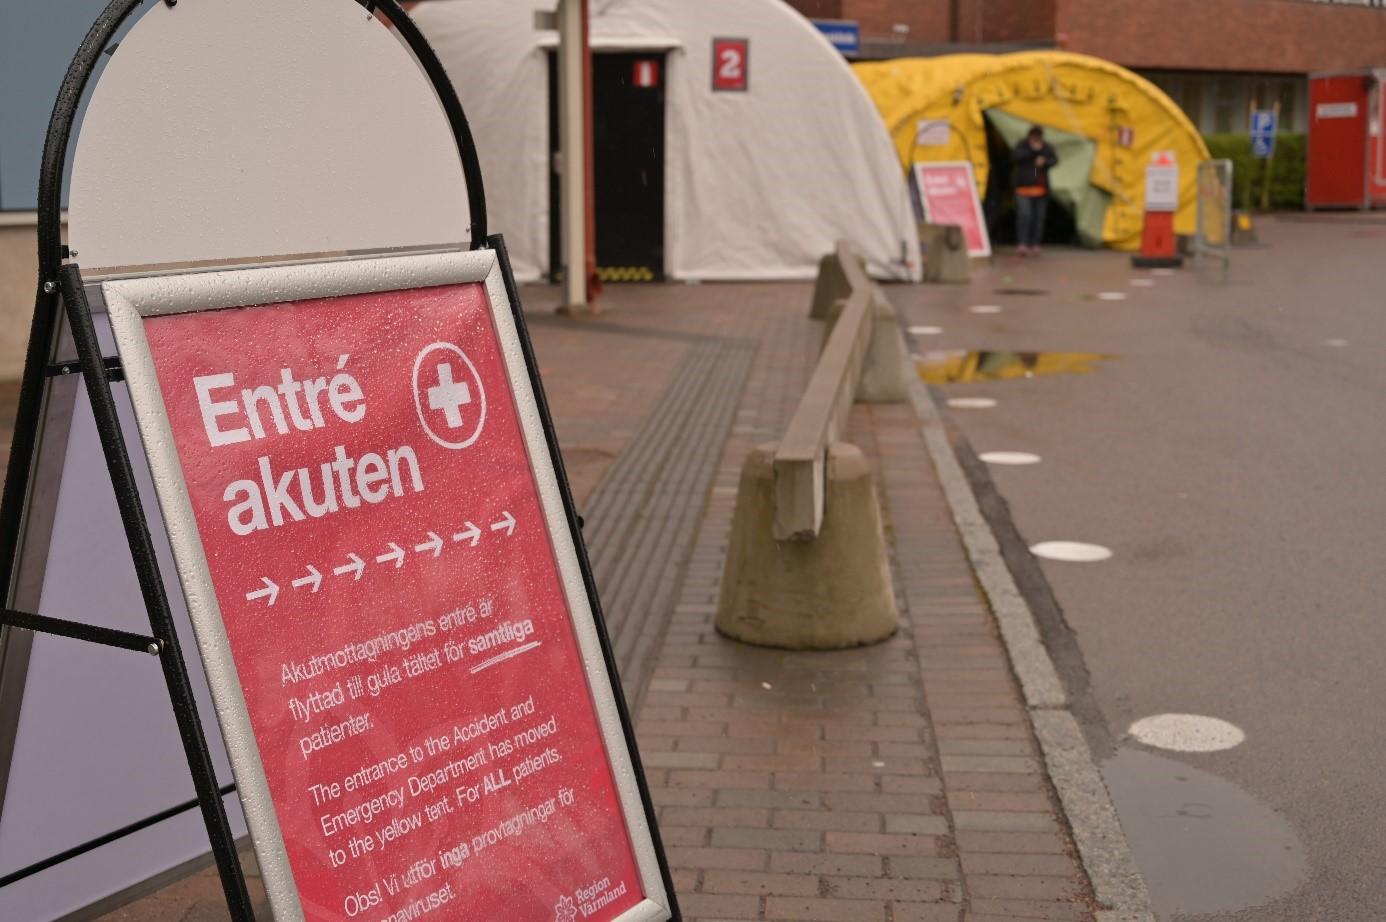 MSB:s tält, till vänster, används här som väntrum för patienter med luftvägssymtom som väntar på att få komma in på särskild plats på akutmottagningen i Karlstad. Tältet till höger kommer från Räddningstjänsten i Hagfors och används för triagering.